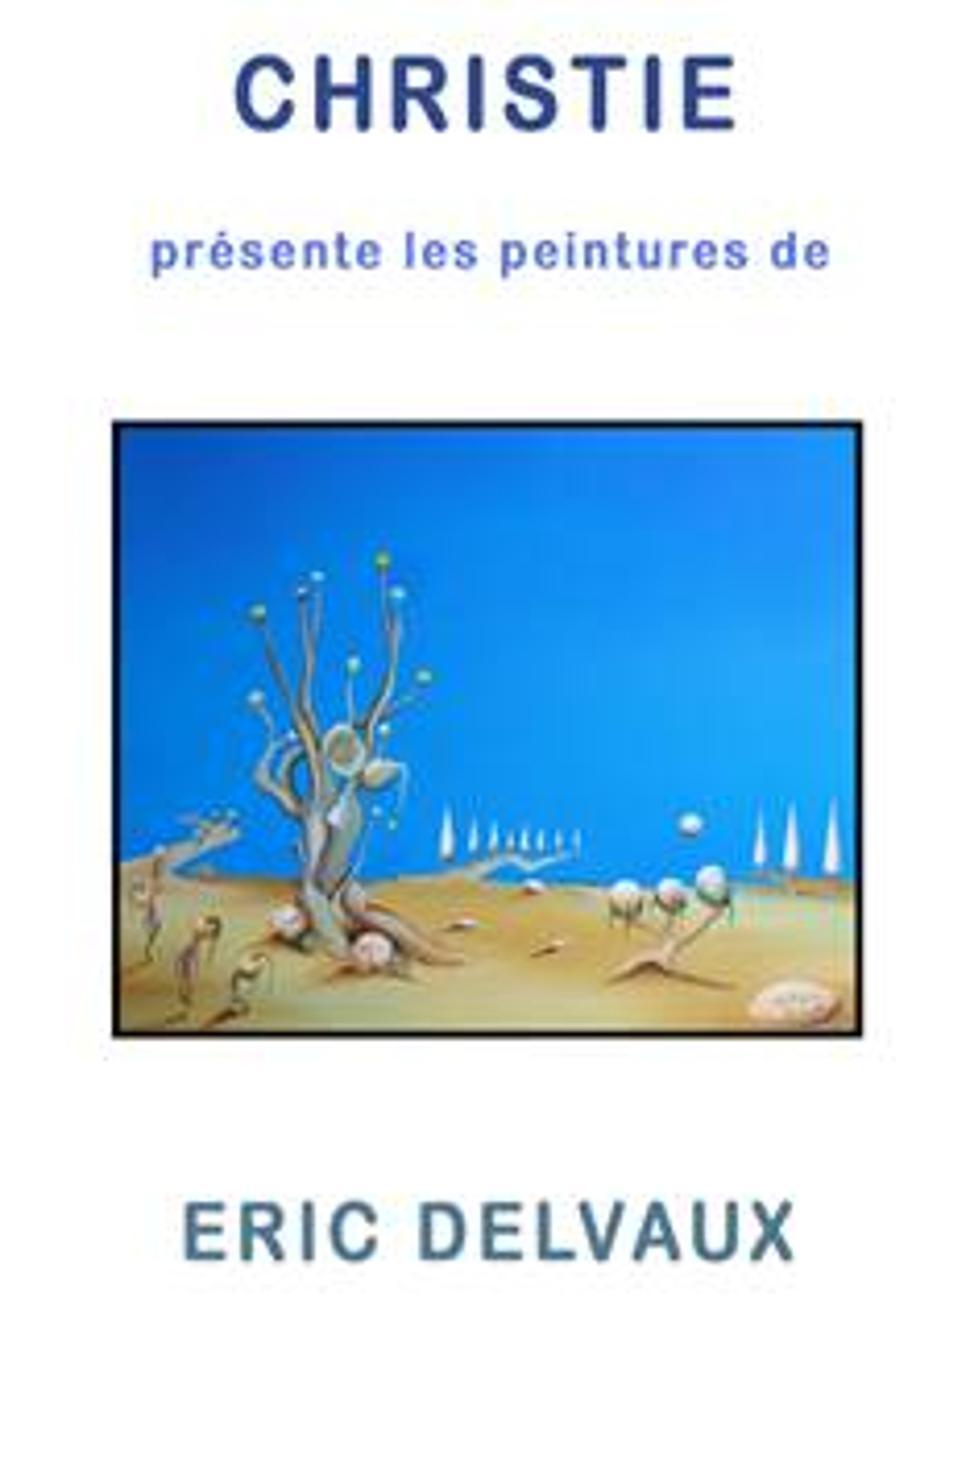 Expo des oeuvres d'Angèle Thomé, Eric Delvaux, Michel Elsdorf et René Beckers ©Christie Art 06-2021 (2)